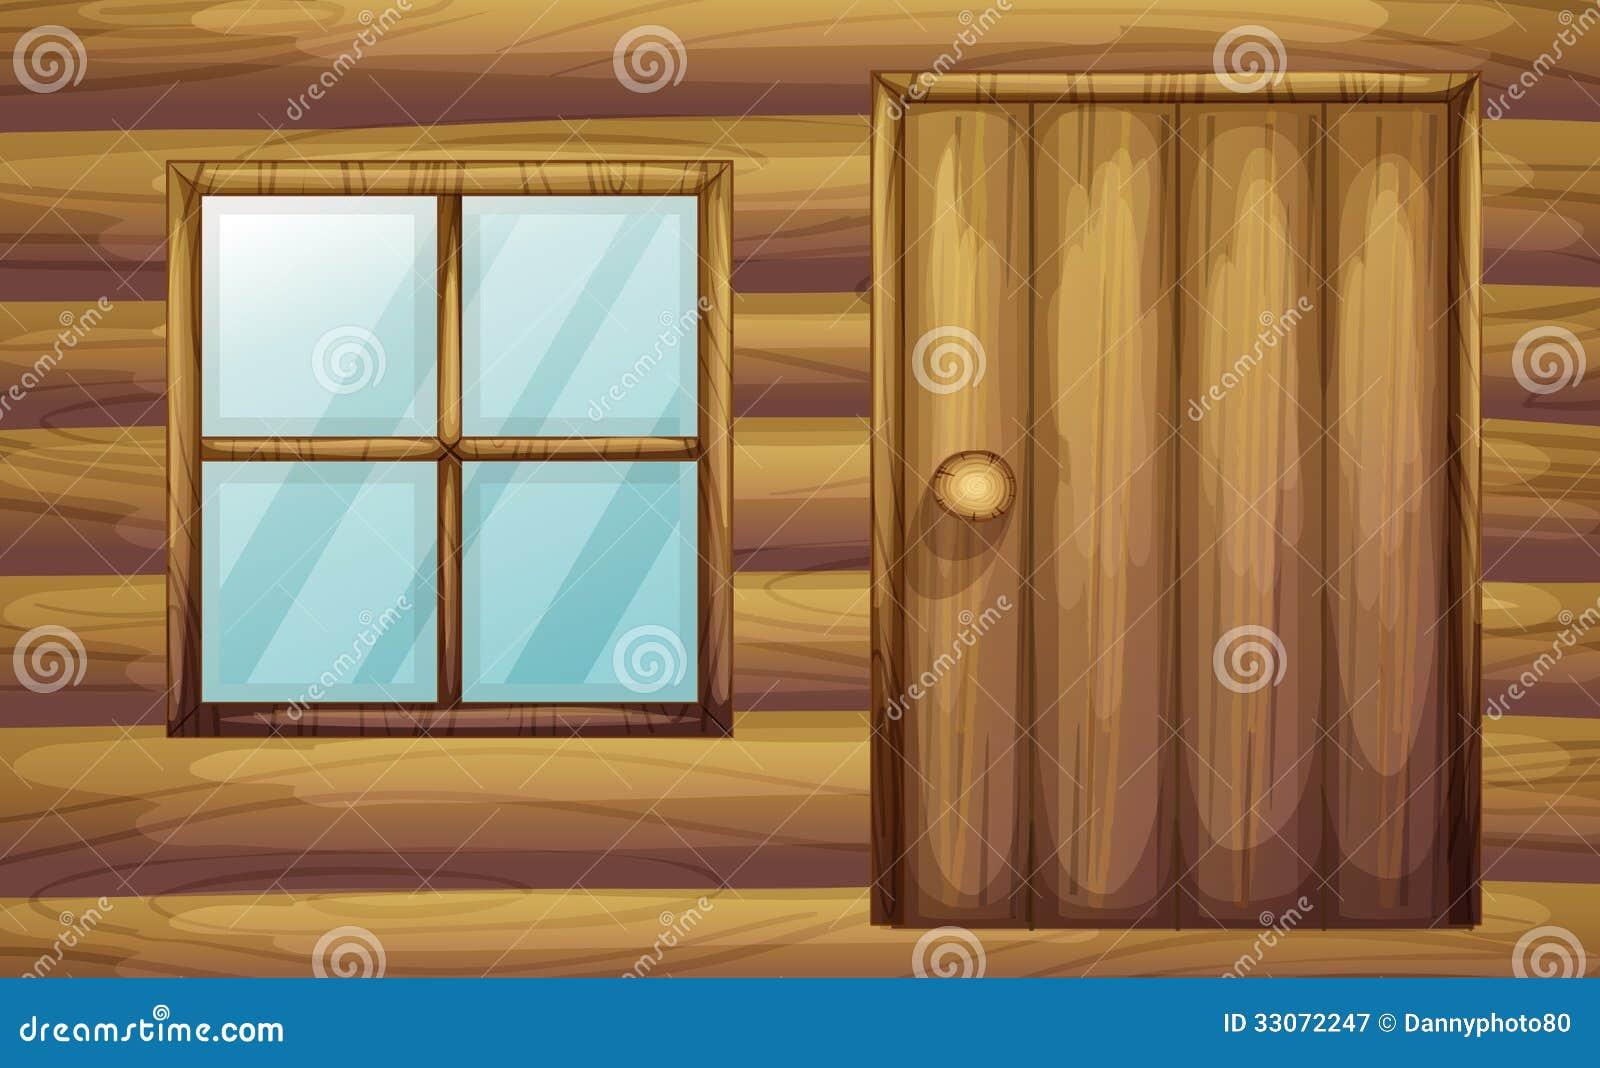 room doors vector art - photo #6